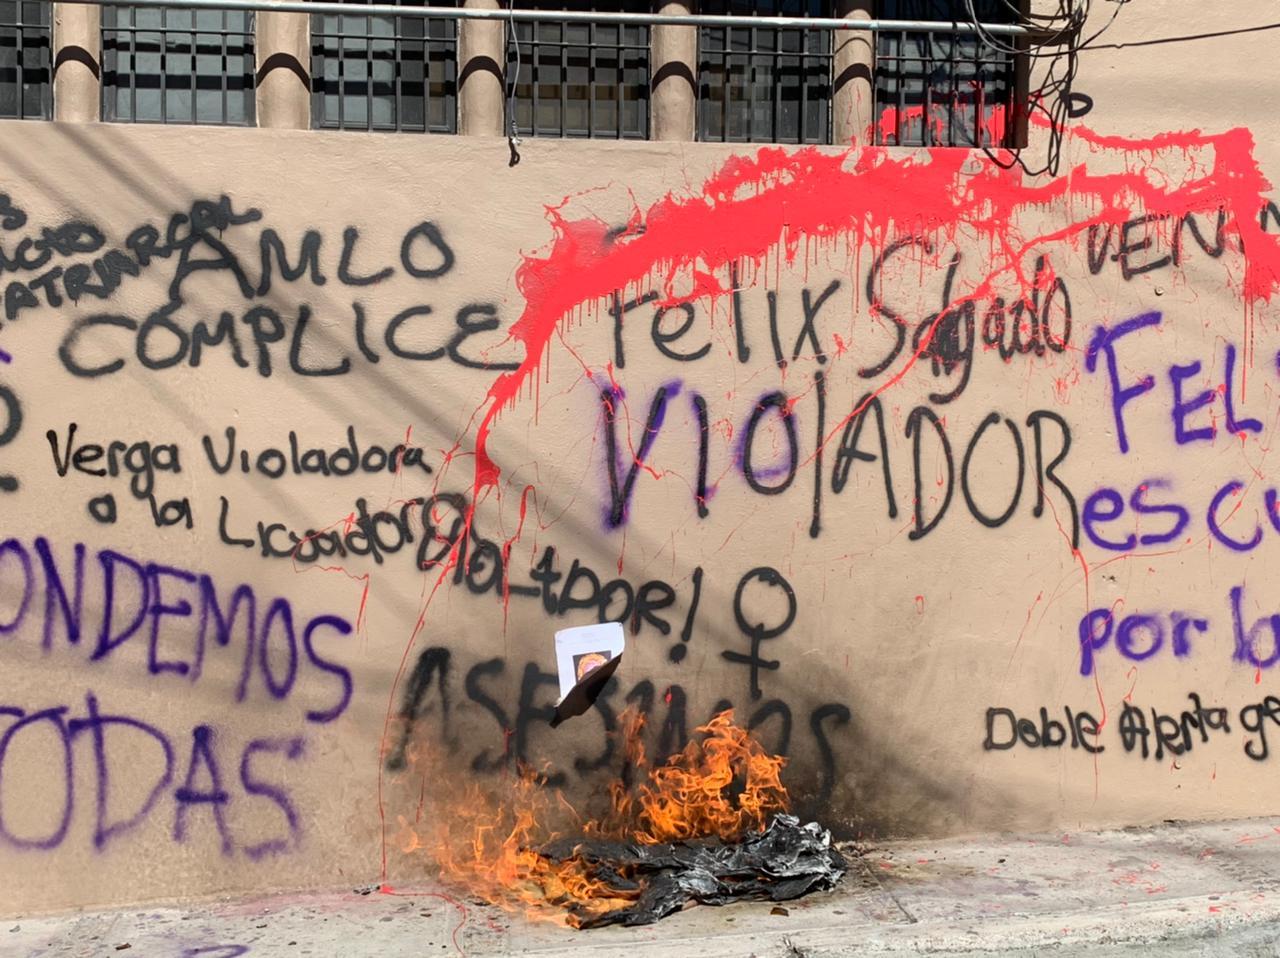 Mujeres protestan en Guerrero, por la candidatura de Félix Salgado Macedonio